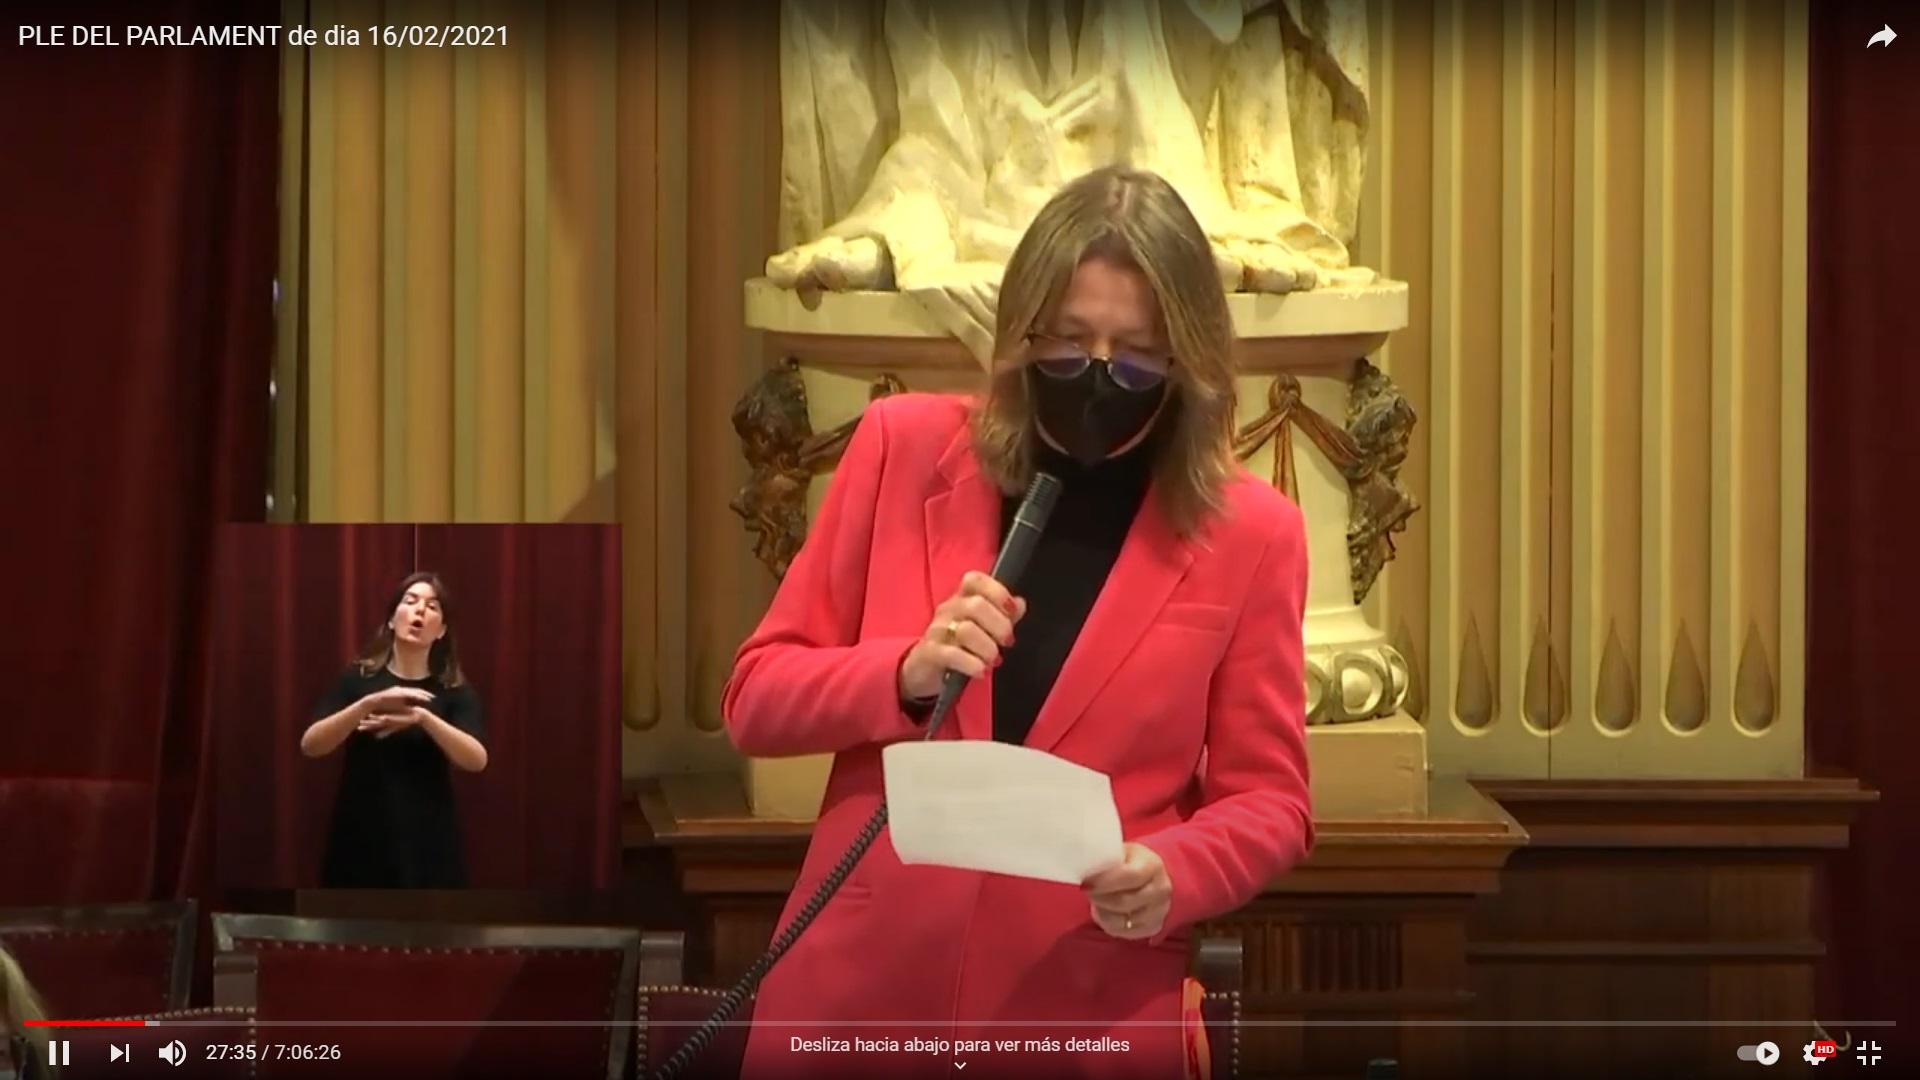 Fotograma de la gravació en vídeo del Ple, amb la diputada formulant la pregunta